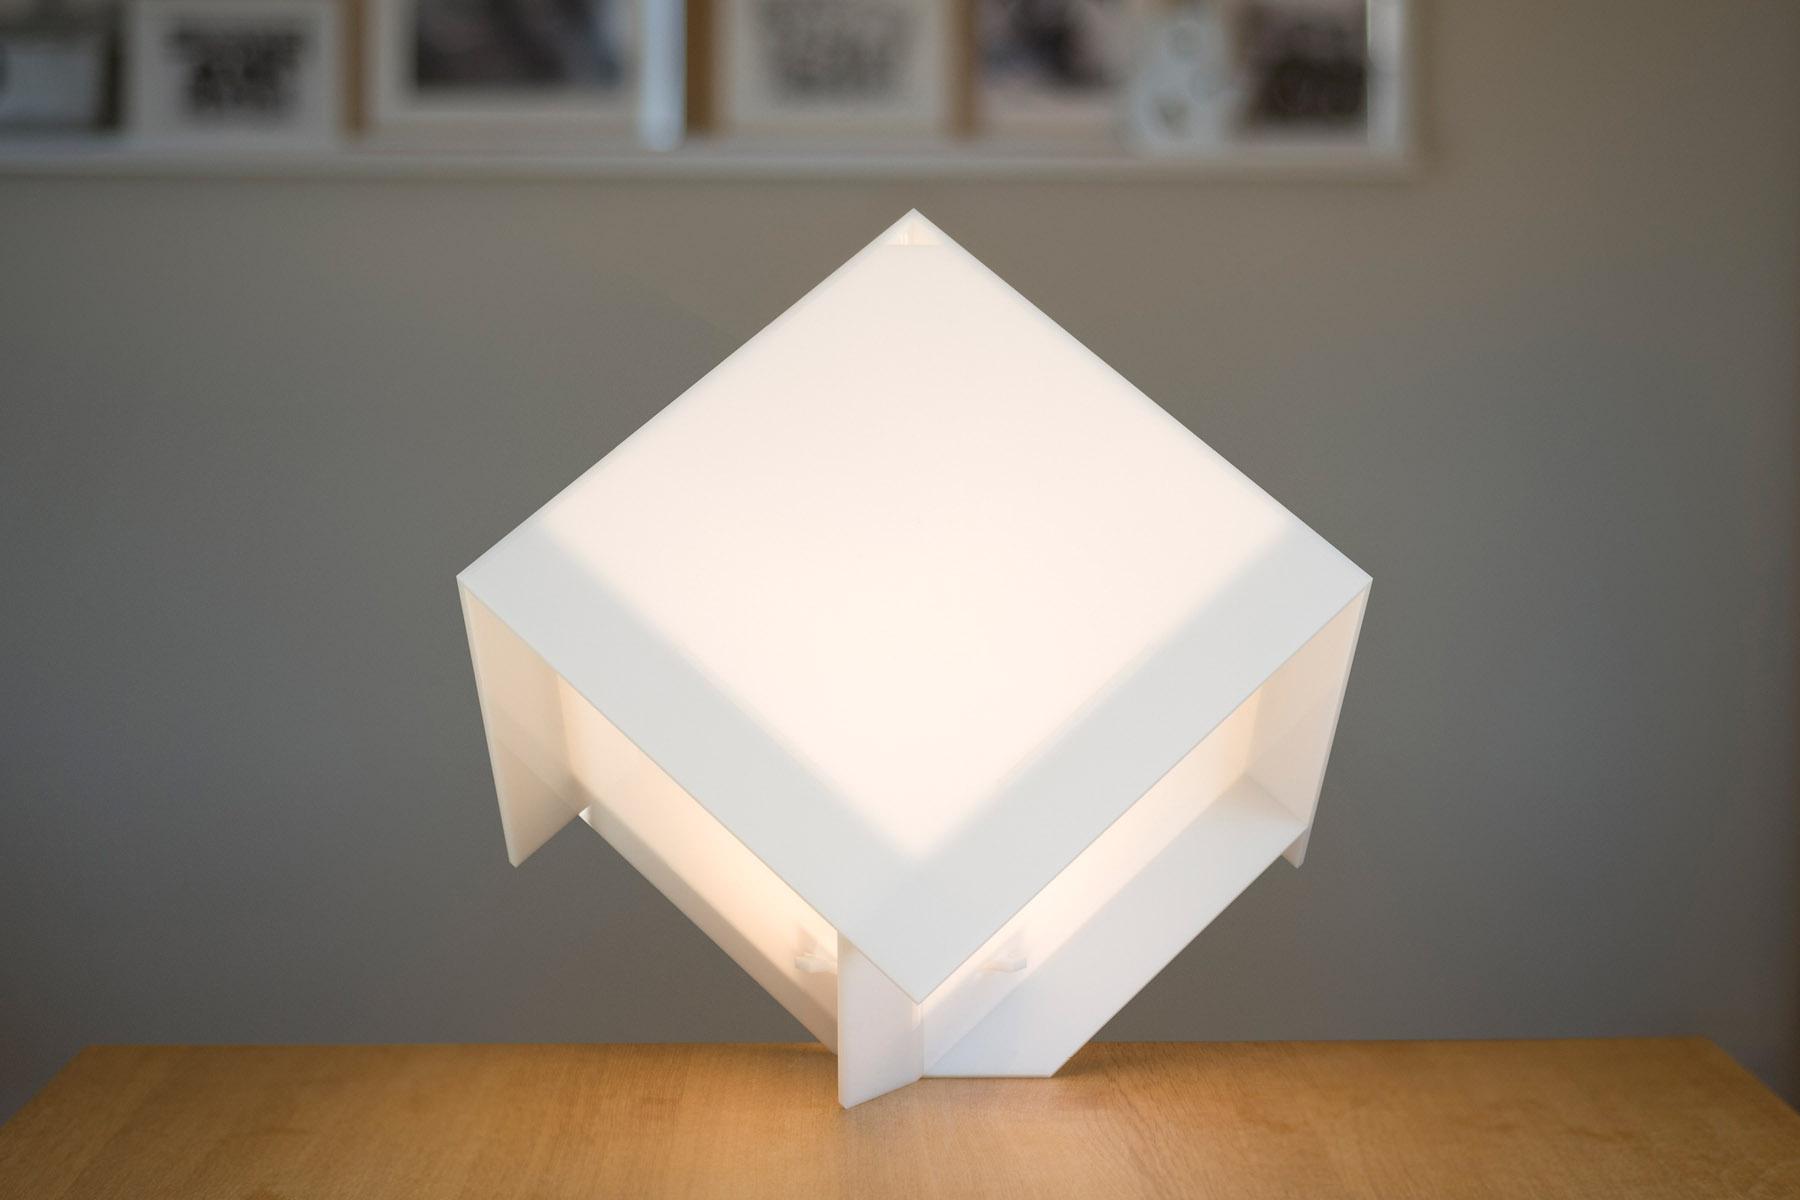 Lampe cubique sur une pointe, allumée